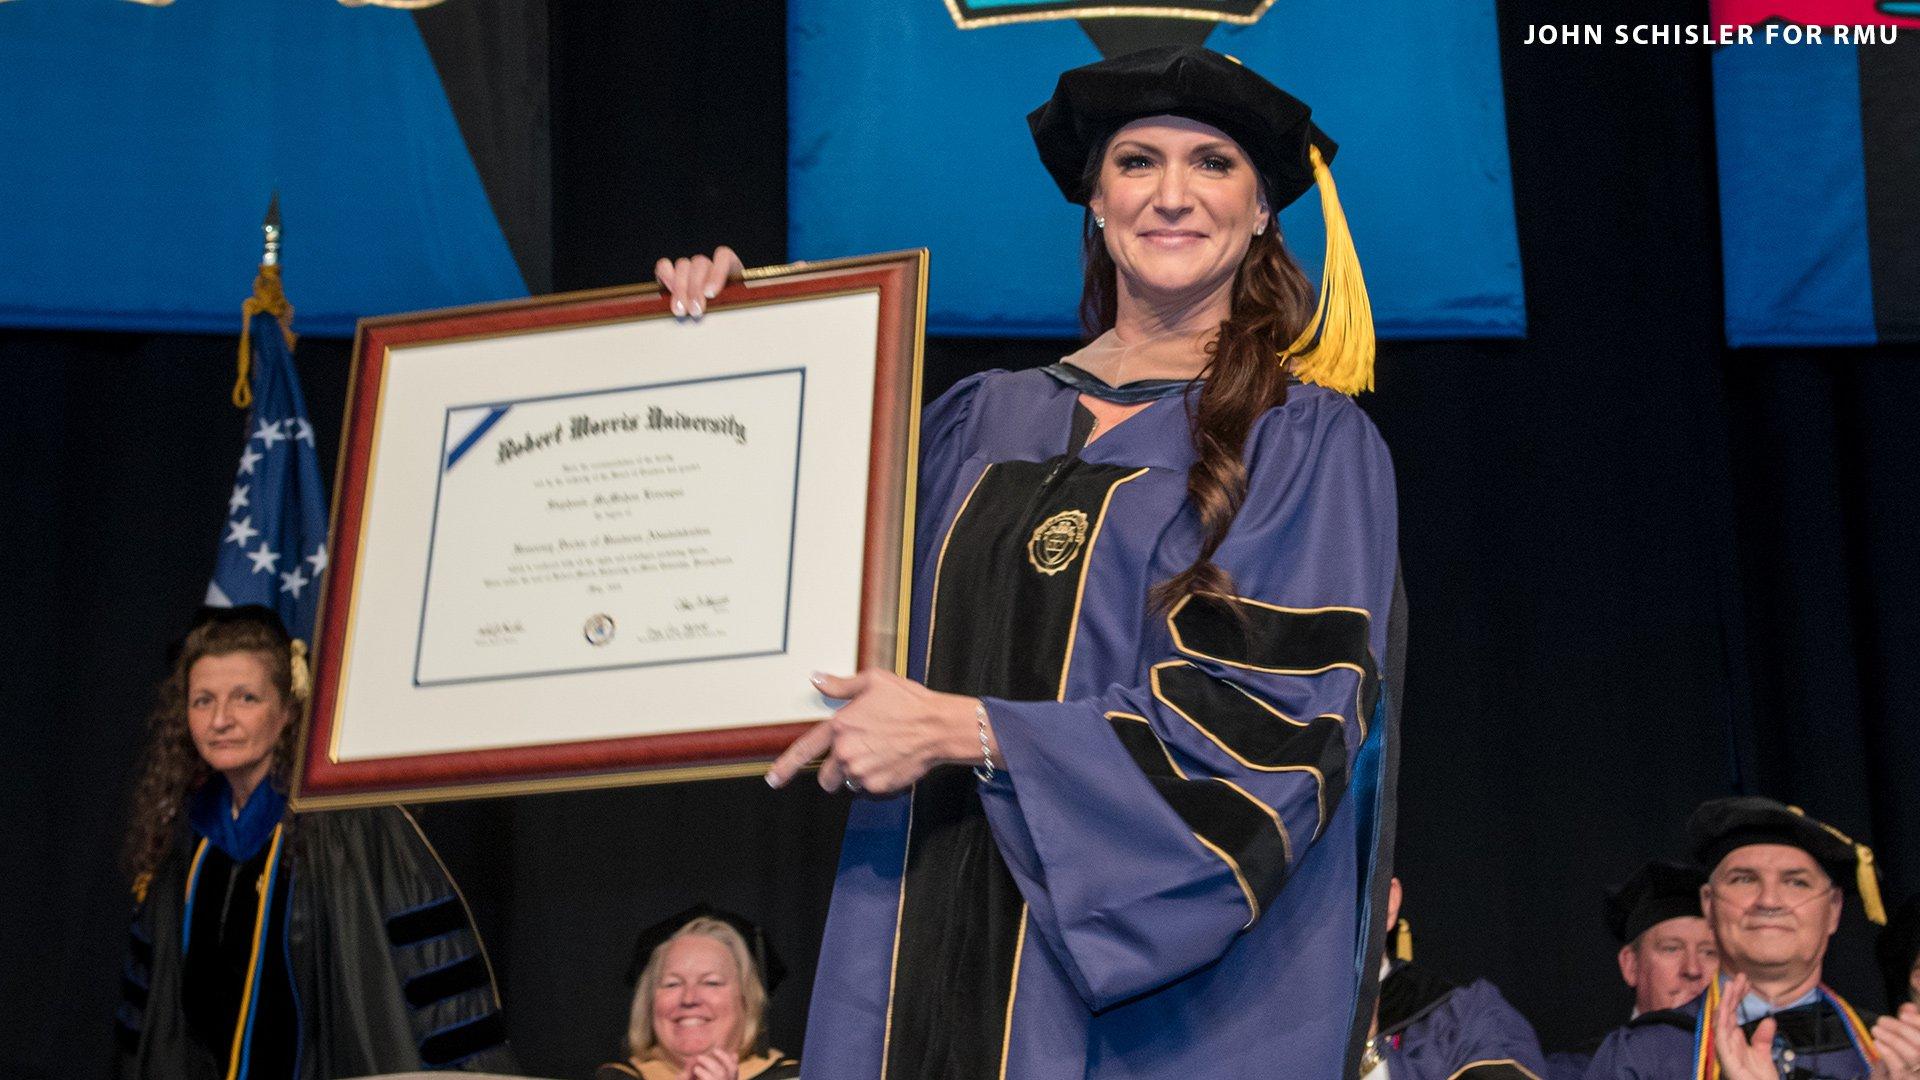 Stephanie McMahon fait un discours lors de la remise de diplôme 2019 de la Robert Morris University